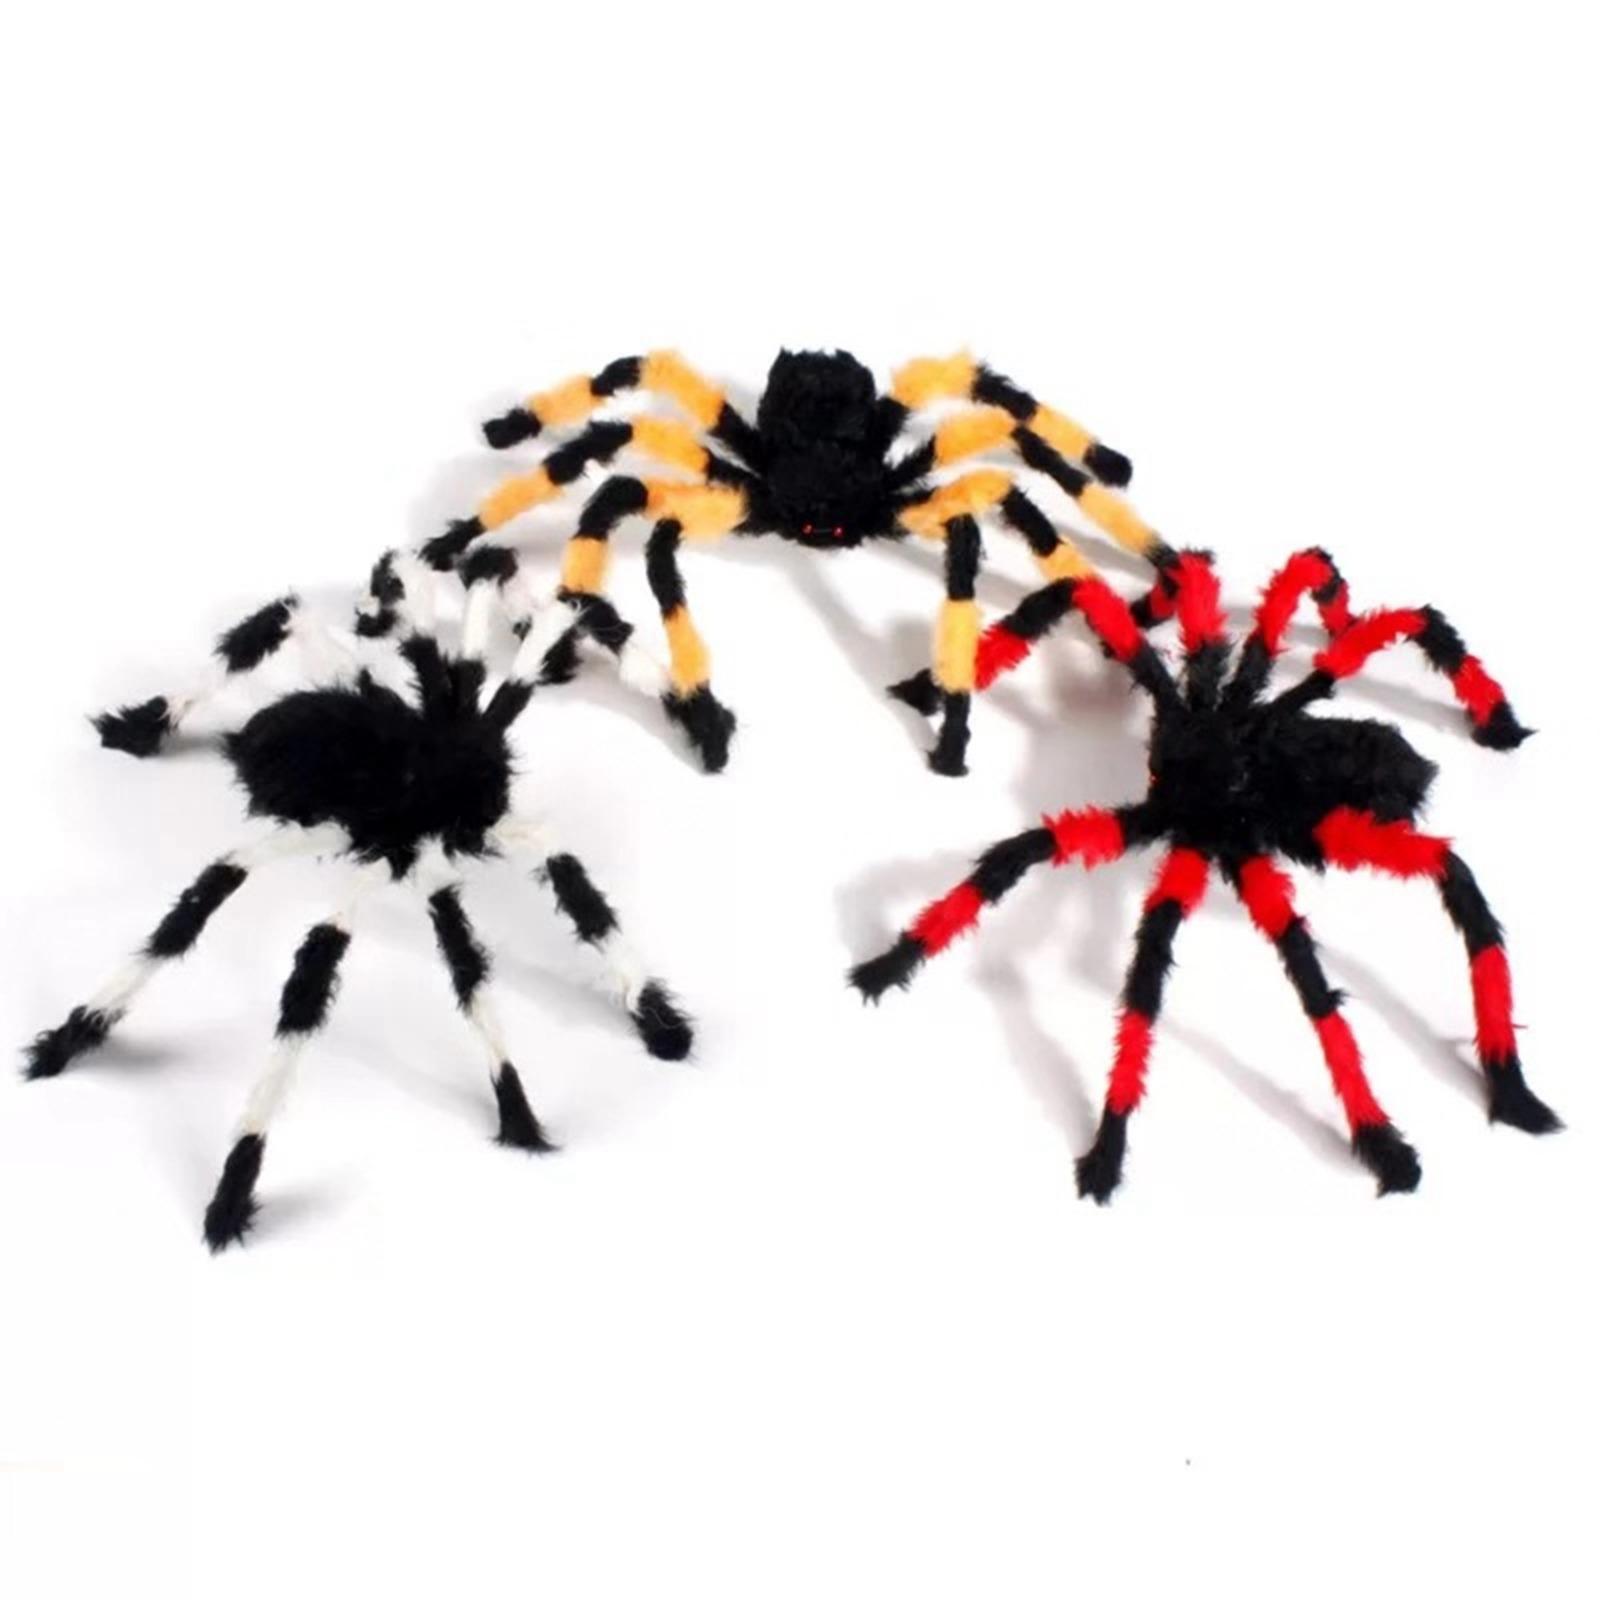 30cm Furry Spider